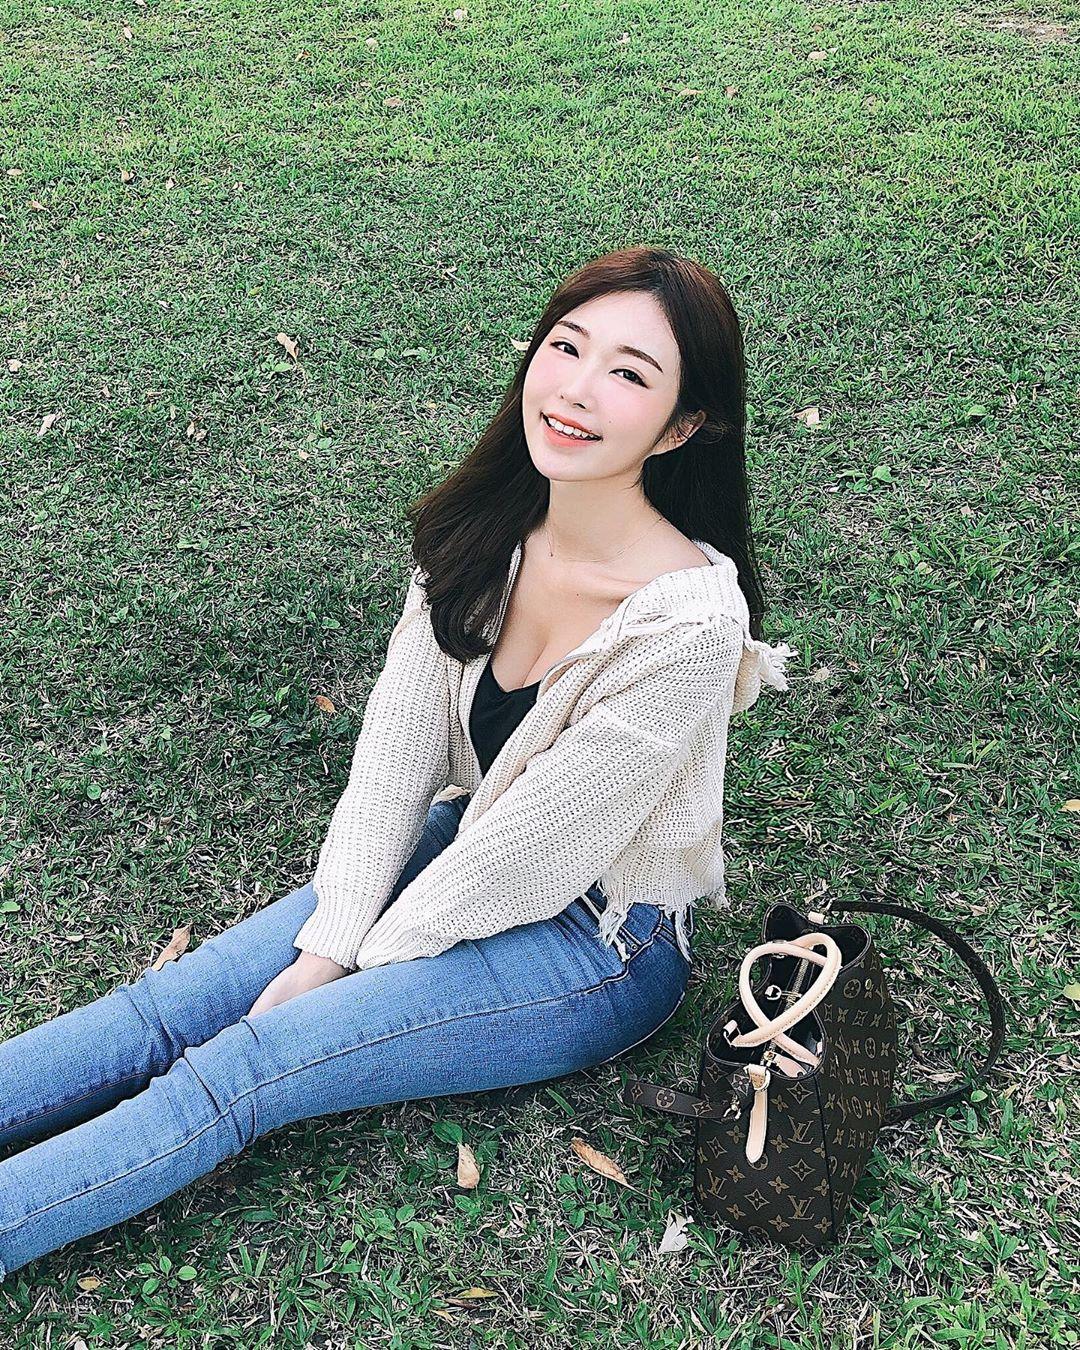 黃上晏Rubis  氣質系女神療癒的笑容太完美 - 美女圖 -